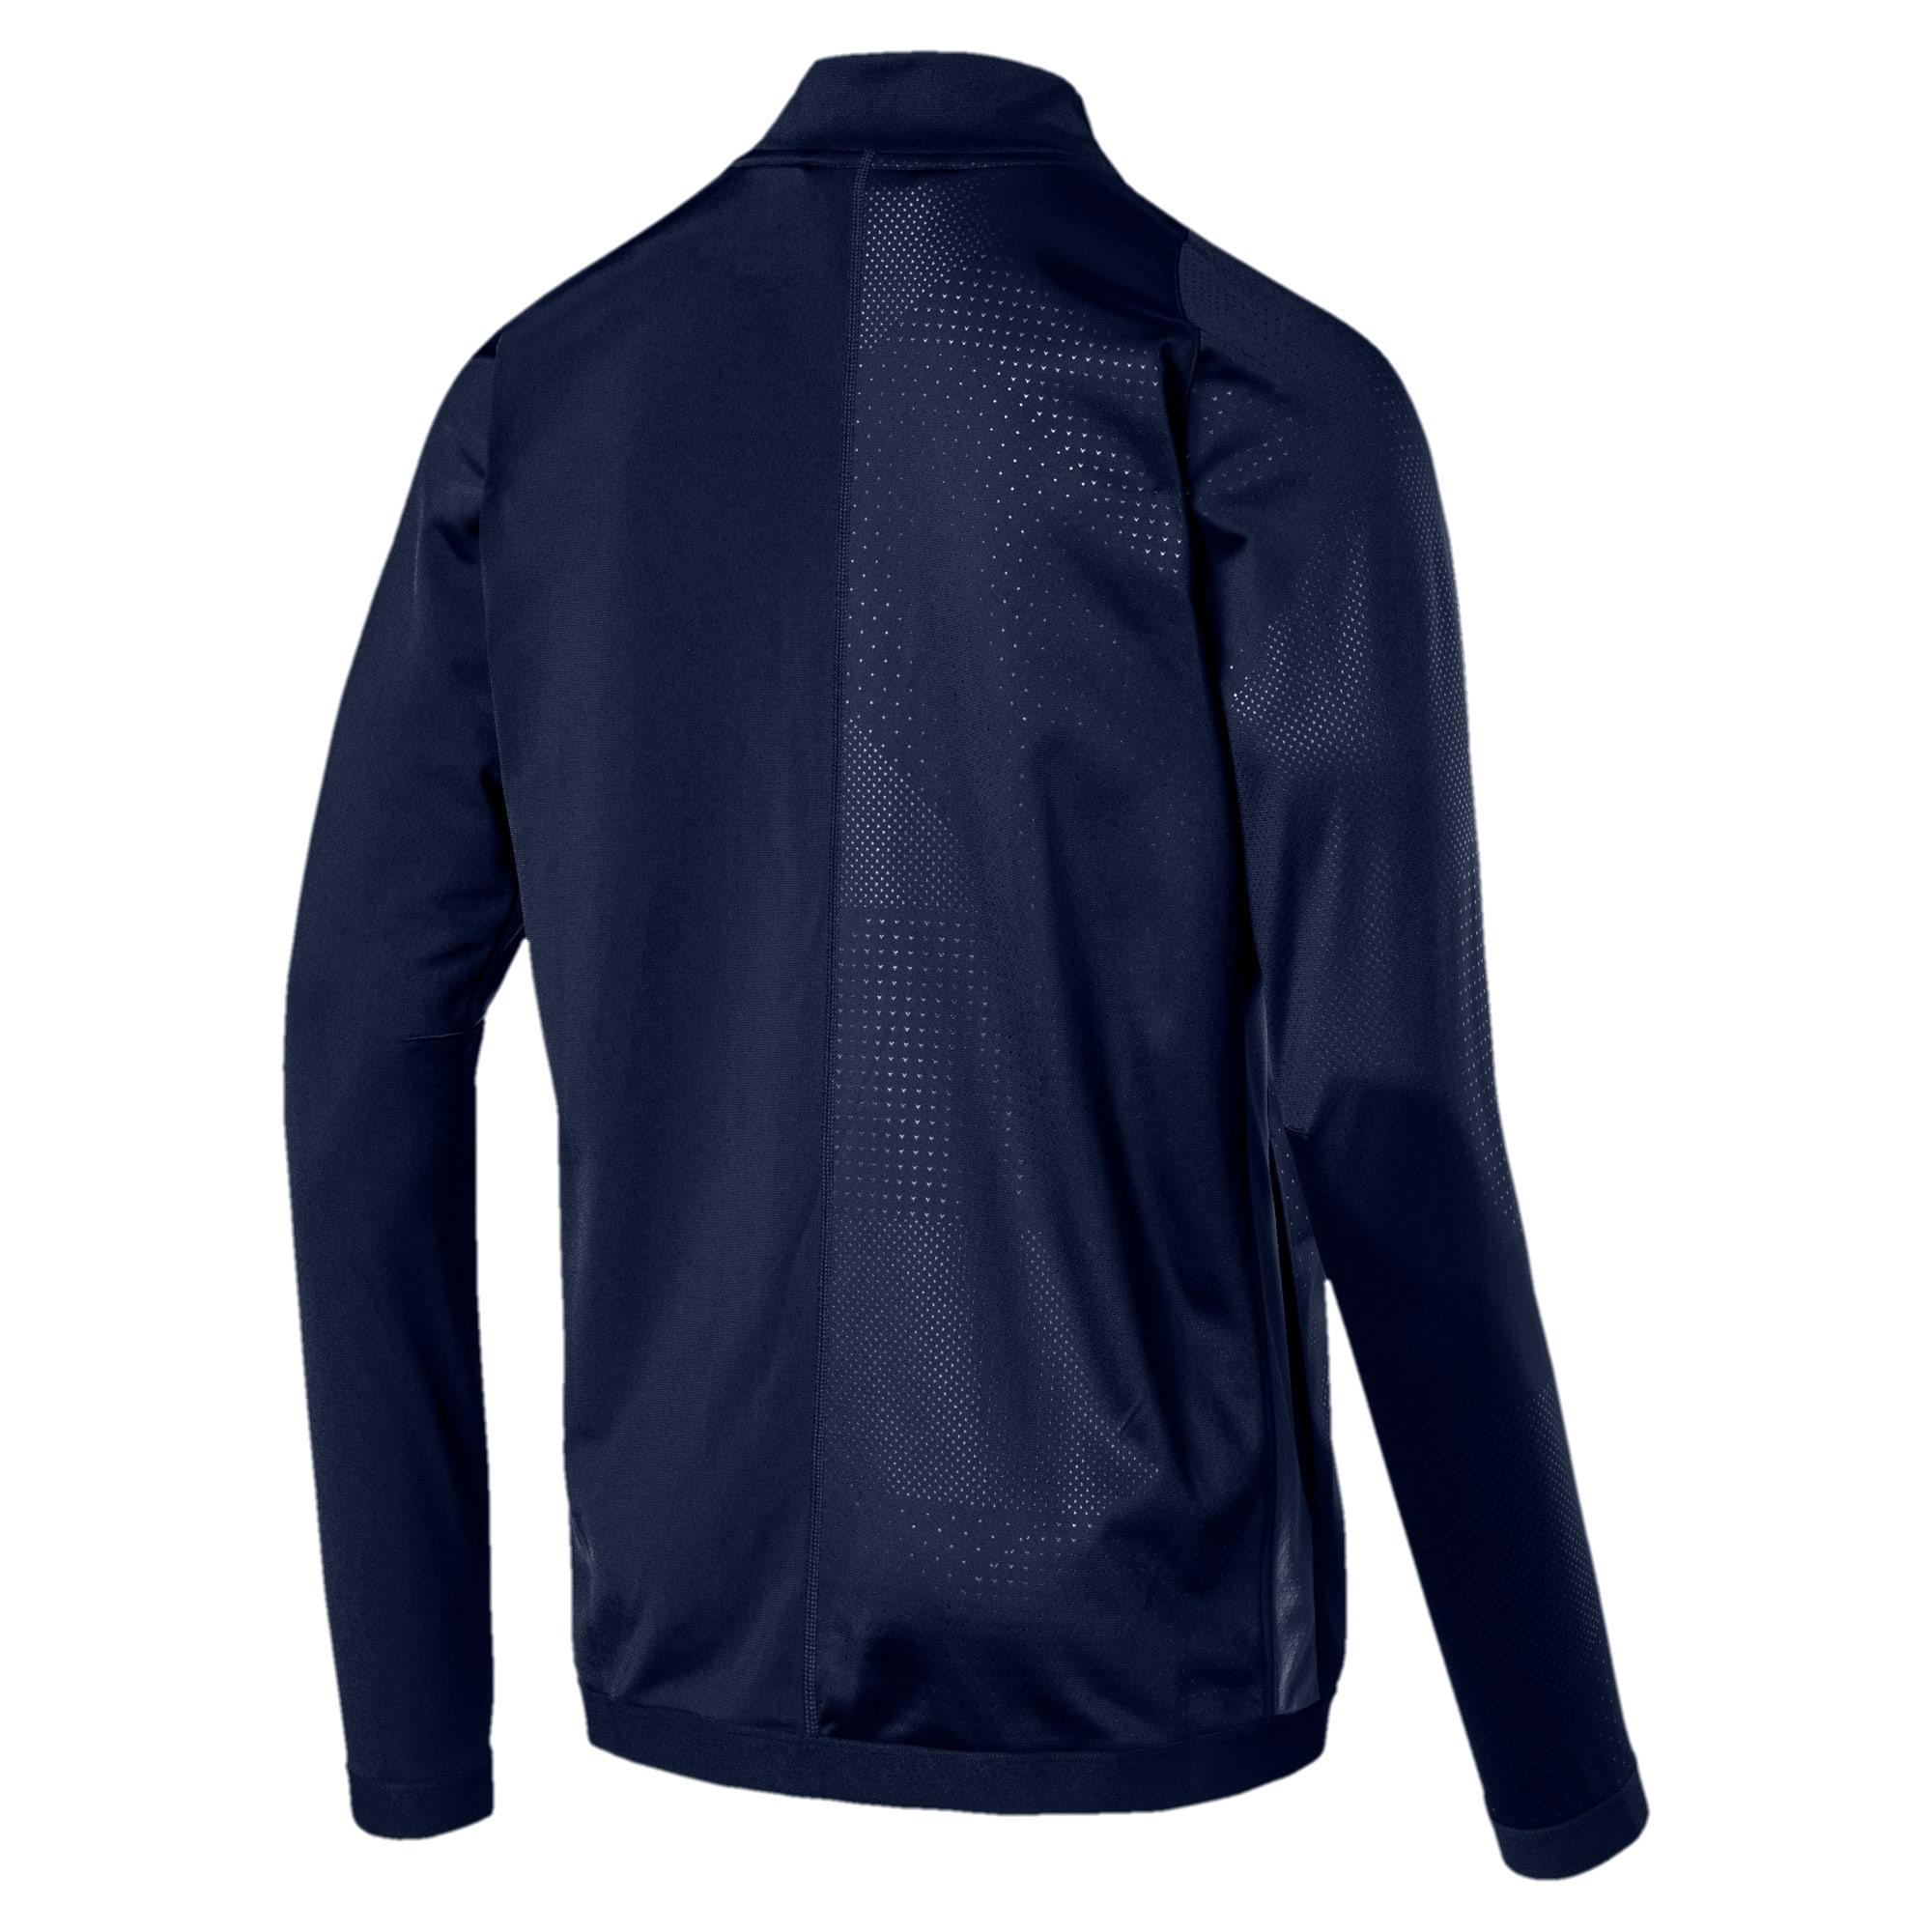 Thumbnail 3 of ftblNXT Zip-Up Men's Track Jacket, Peacoat, medium